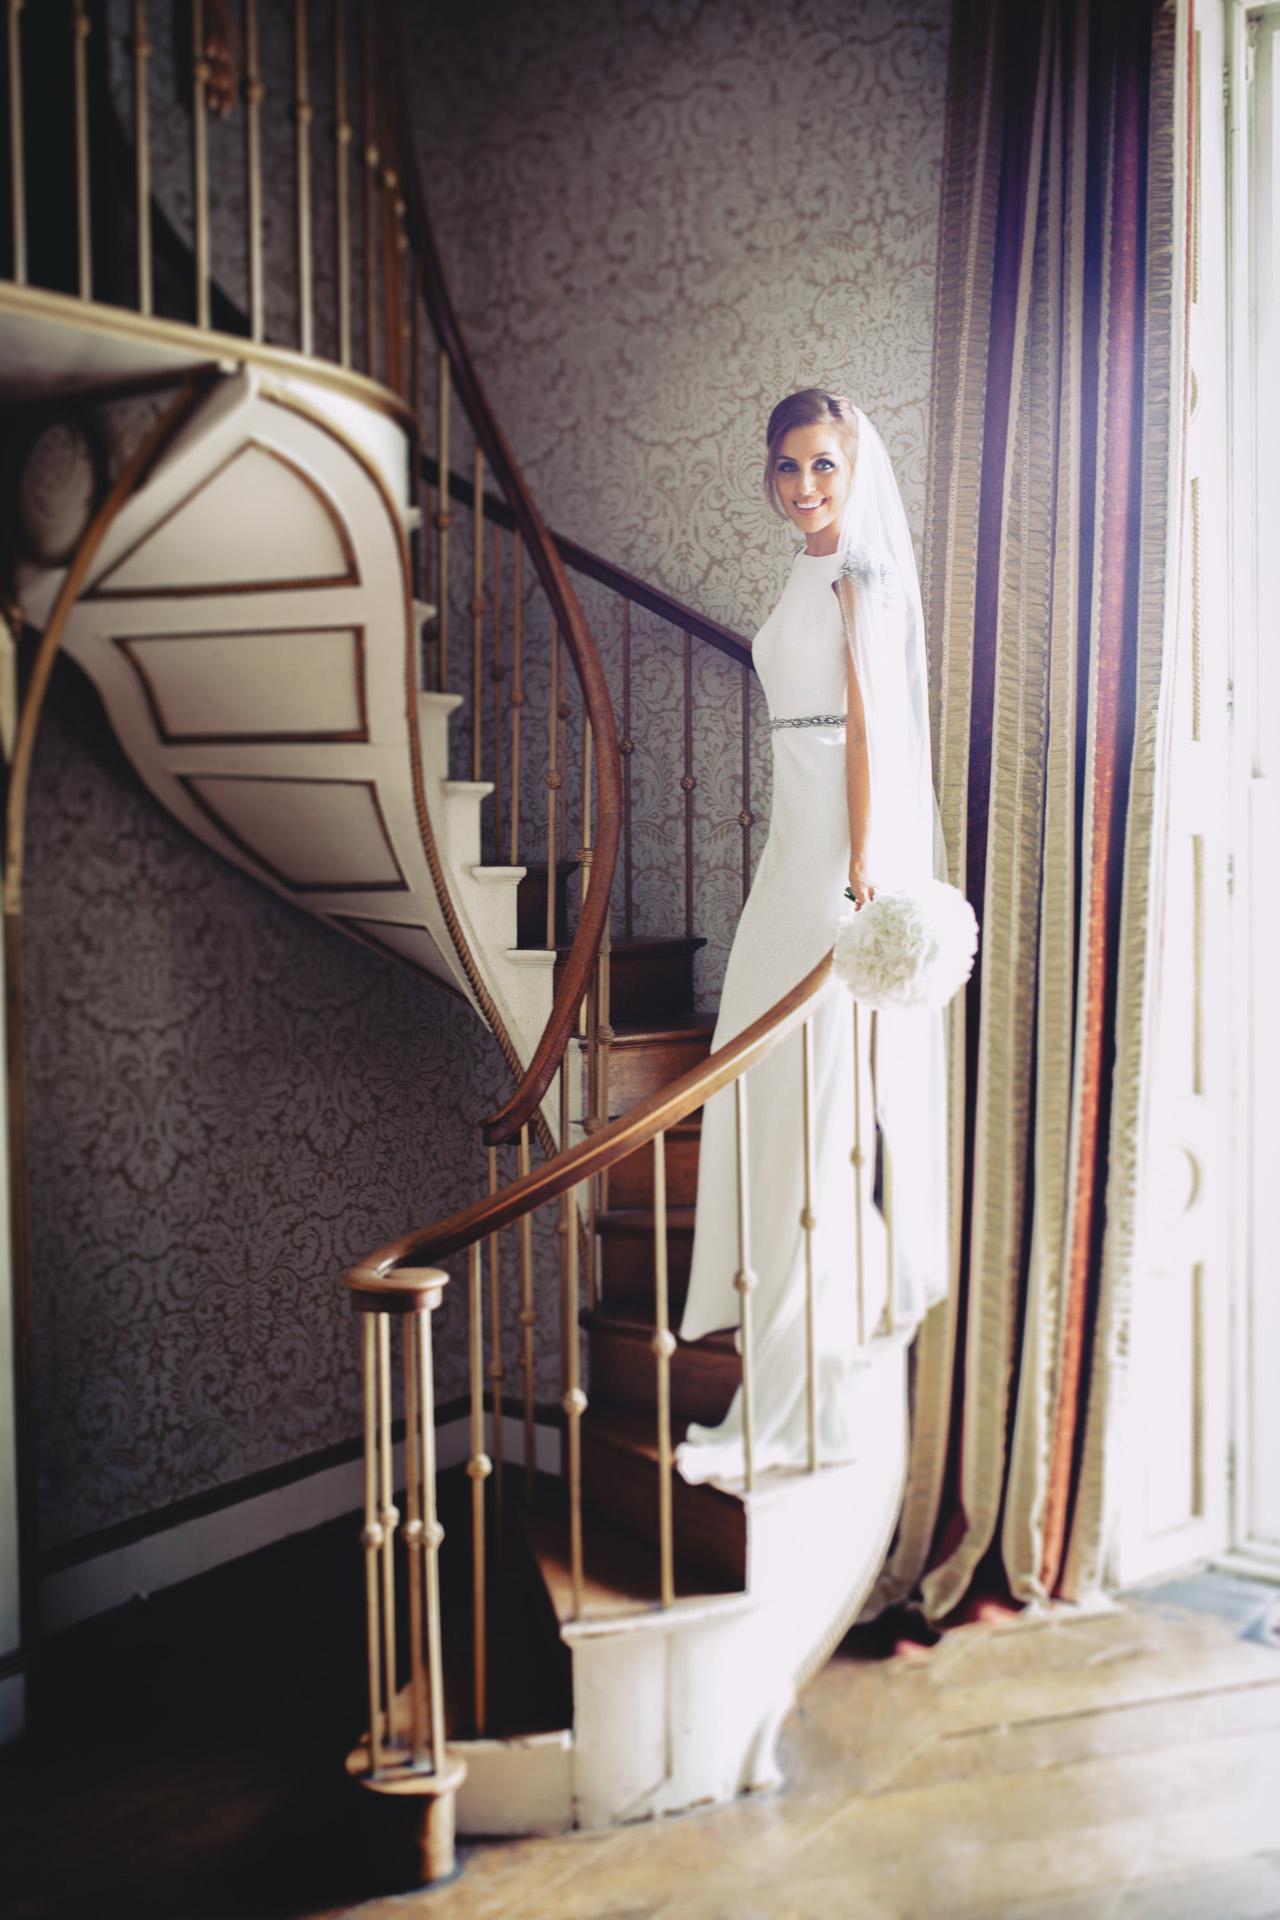 Tara O'Farrell Wedding Photos5